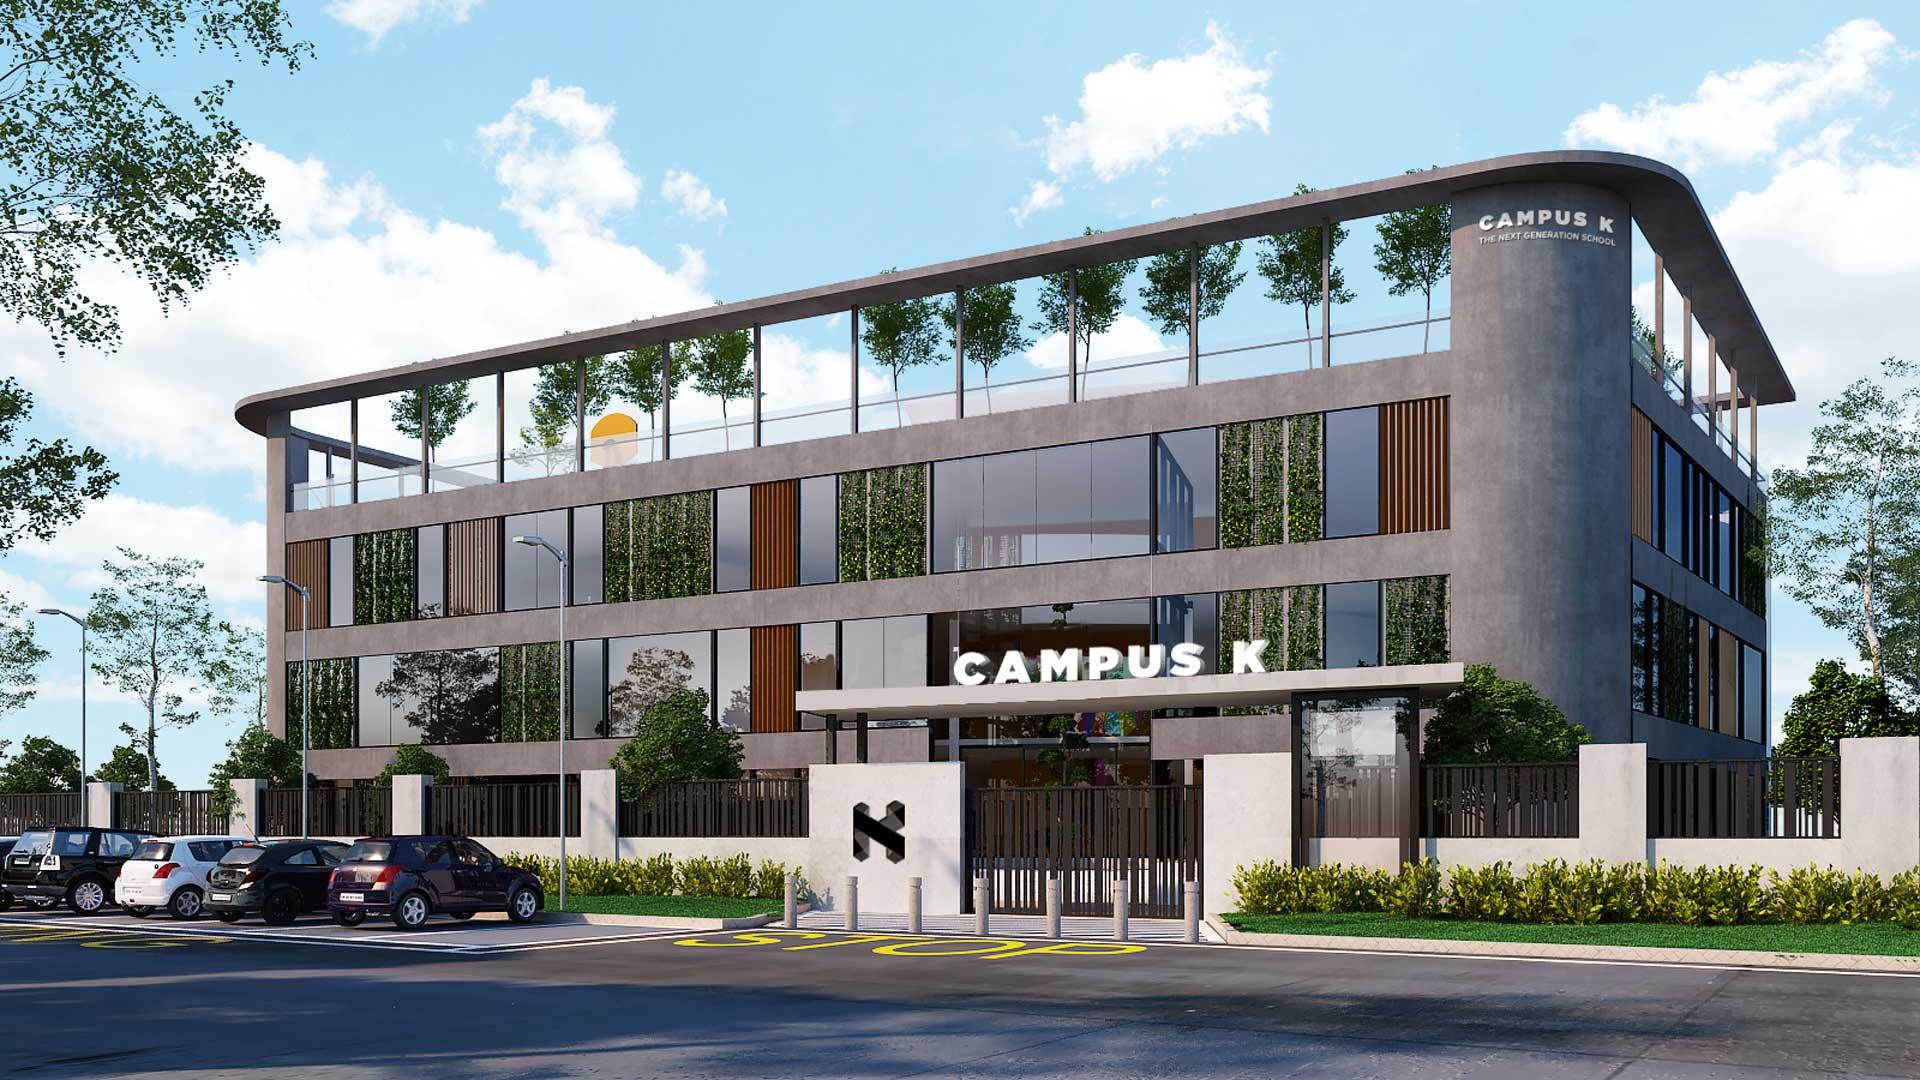 Campus K exterior view